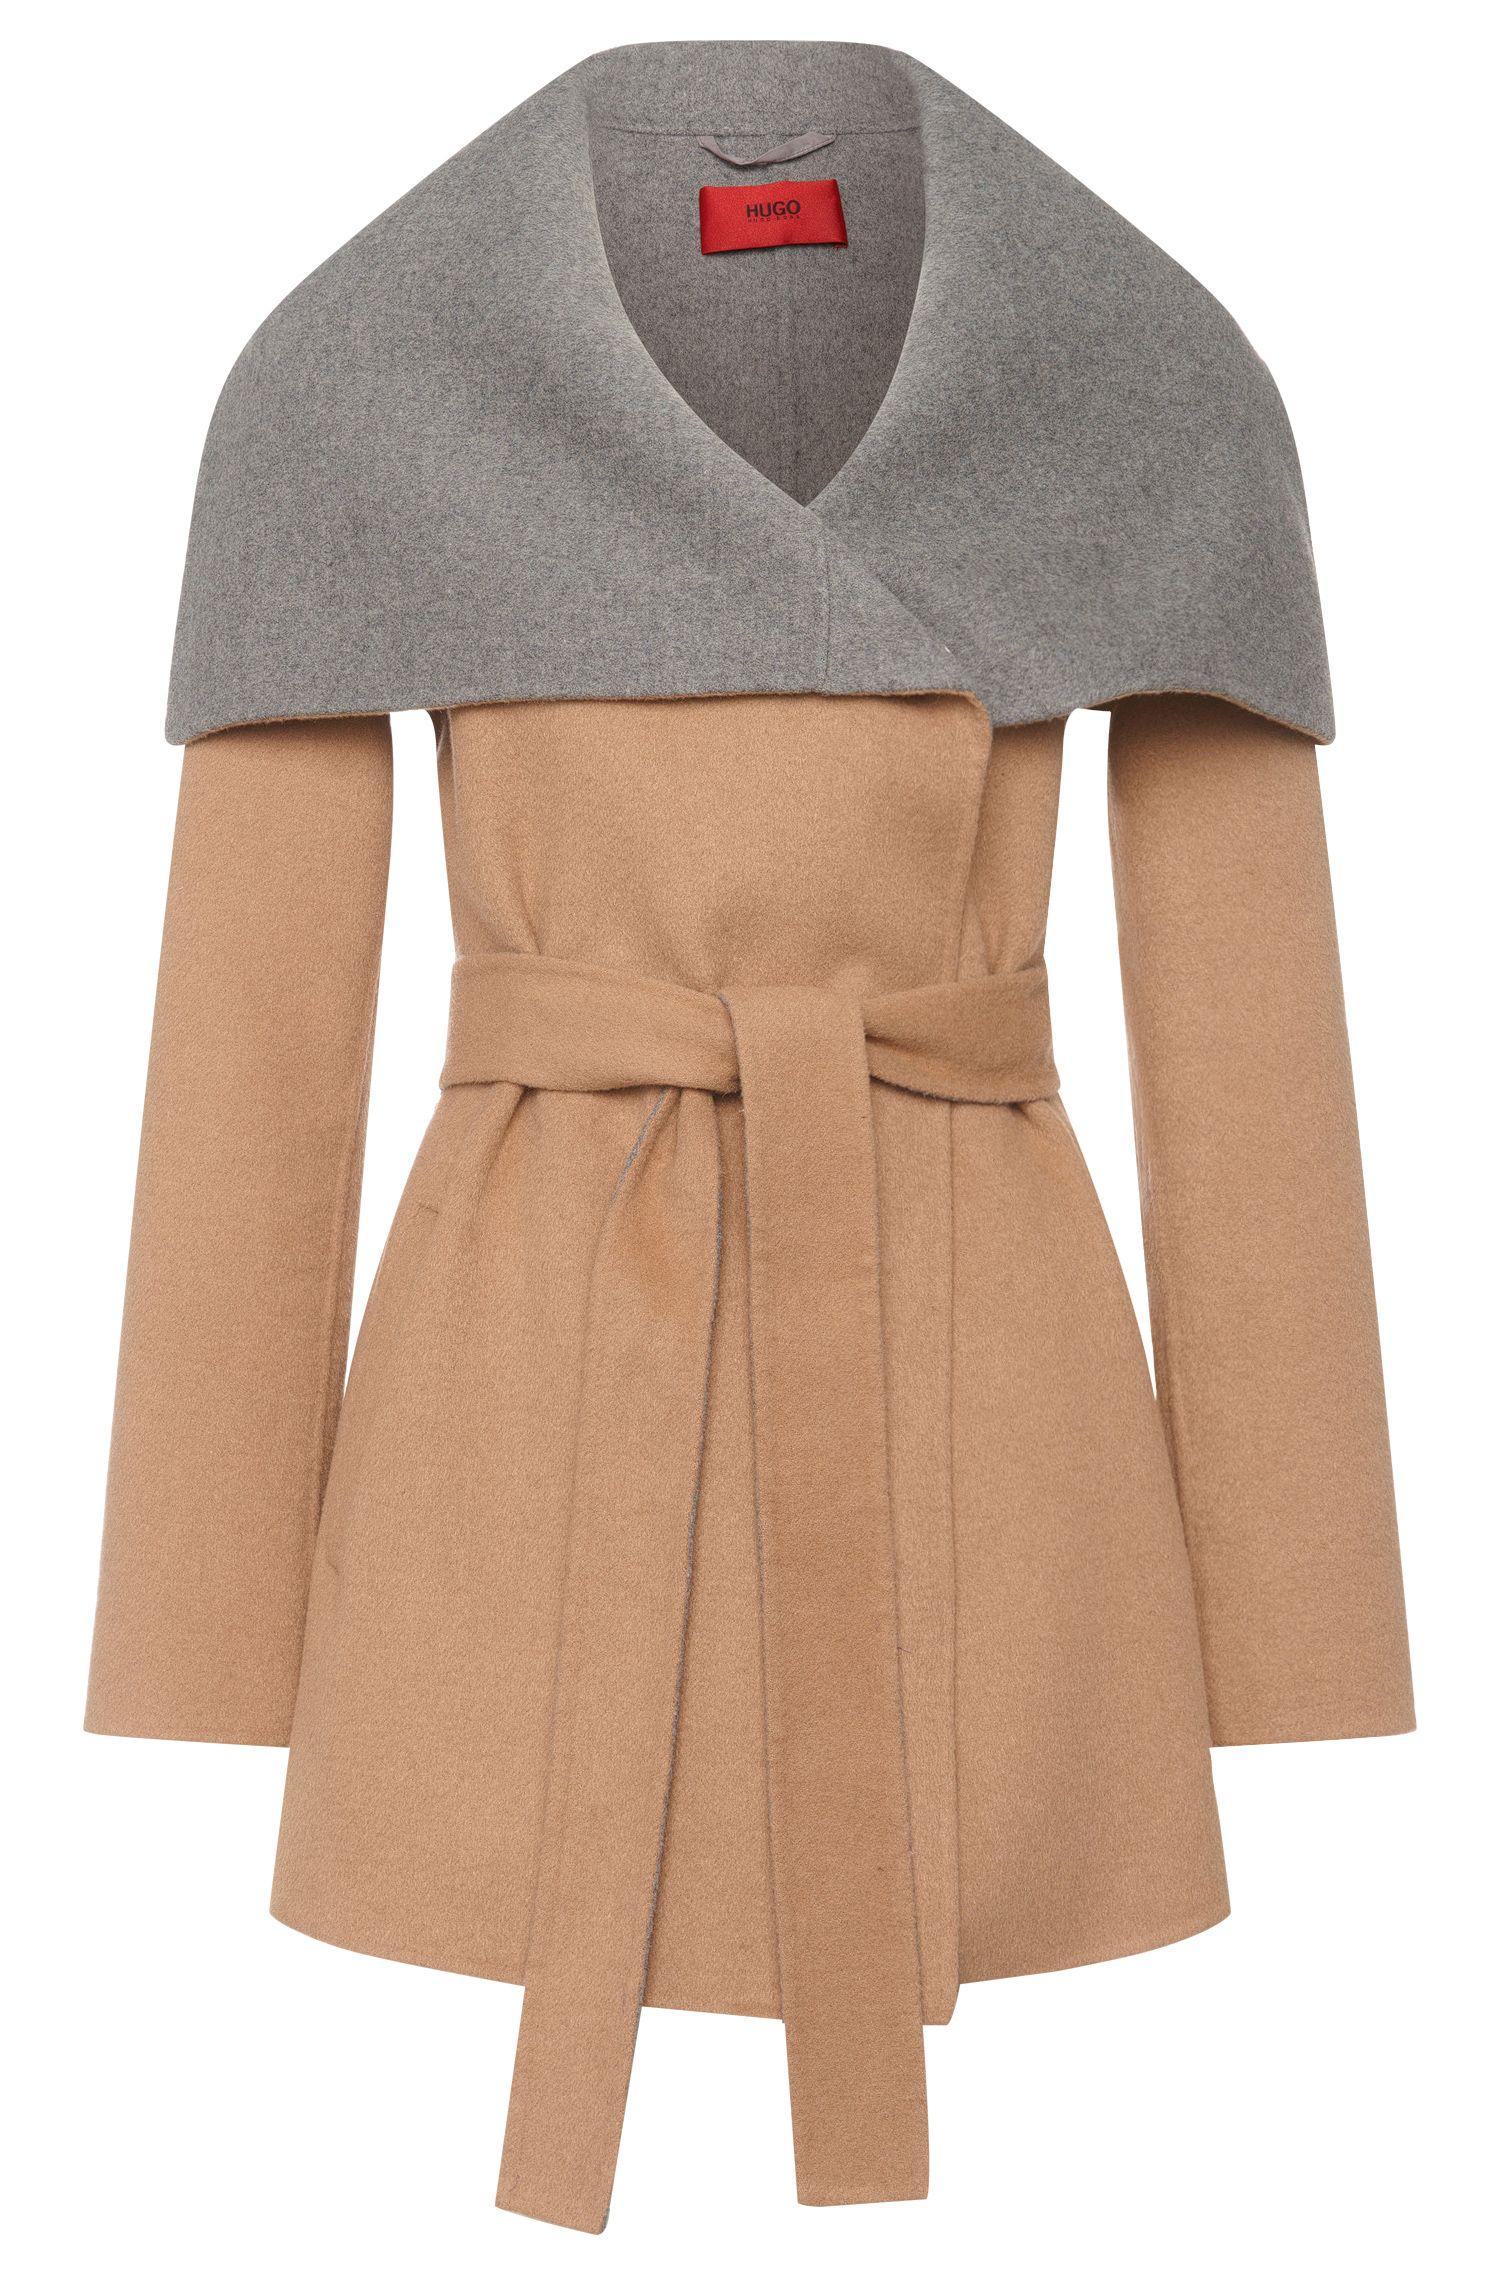 Mantel aus Woll-Mix mit breitem Umlegekragen: 'Falines-1'